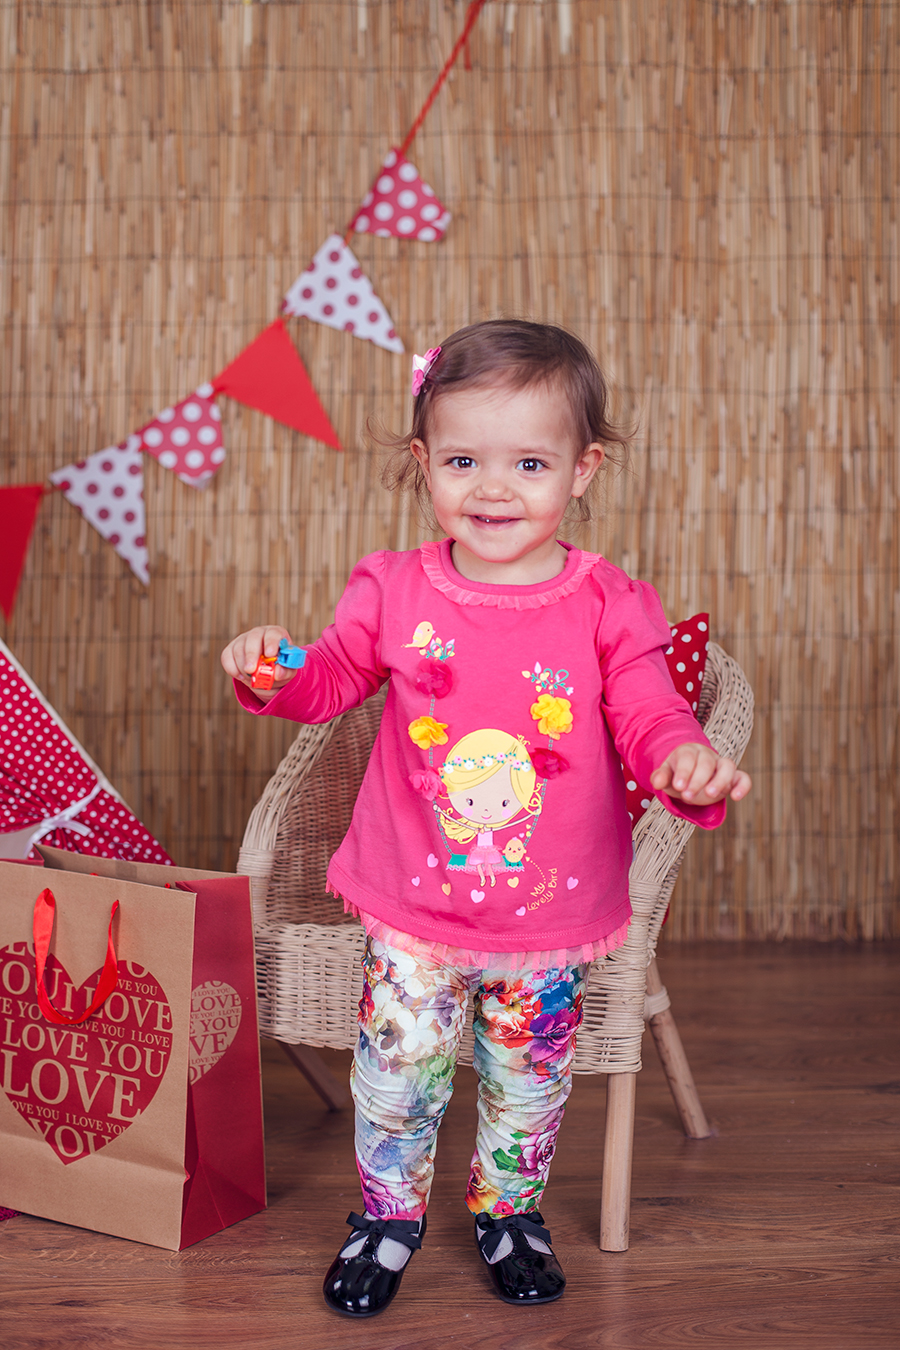 Детска фотосесия на Стефани при фотограф Олга Ташева. Фото студио Варна. Детска, бебешка и семейна фотография - 15526